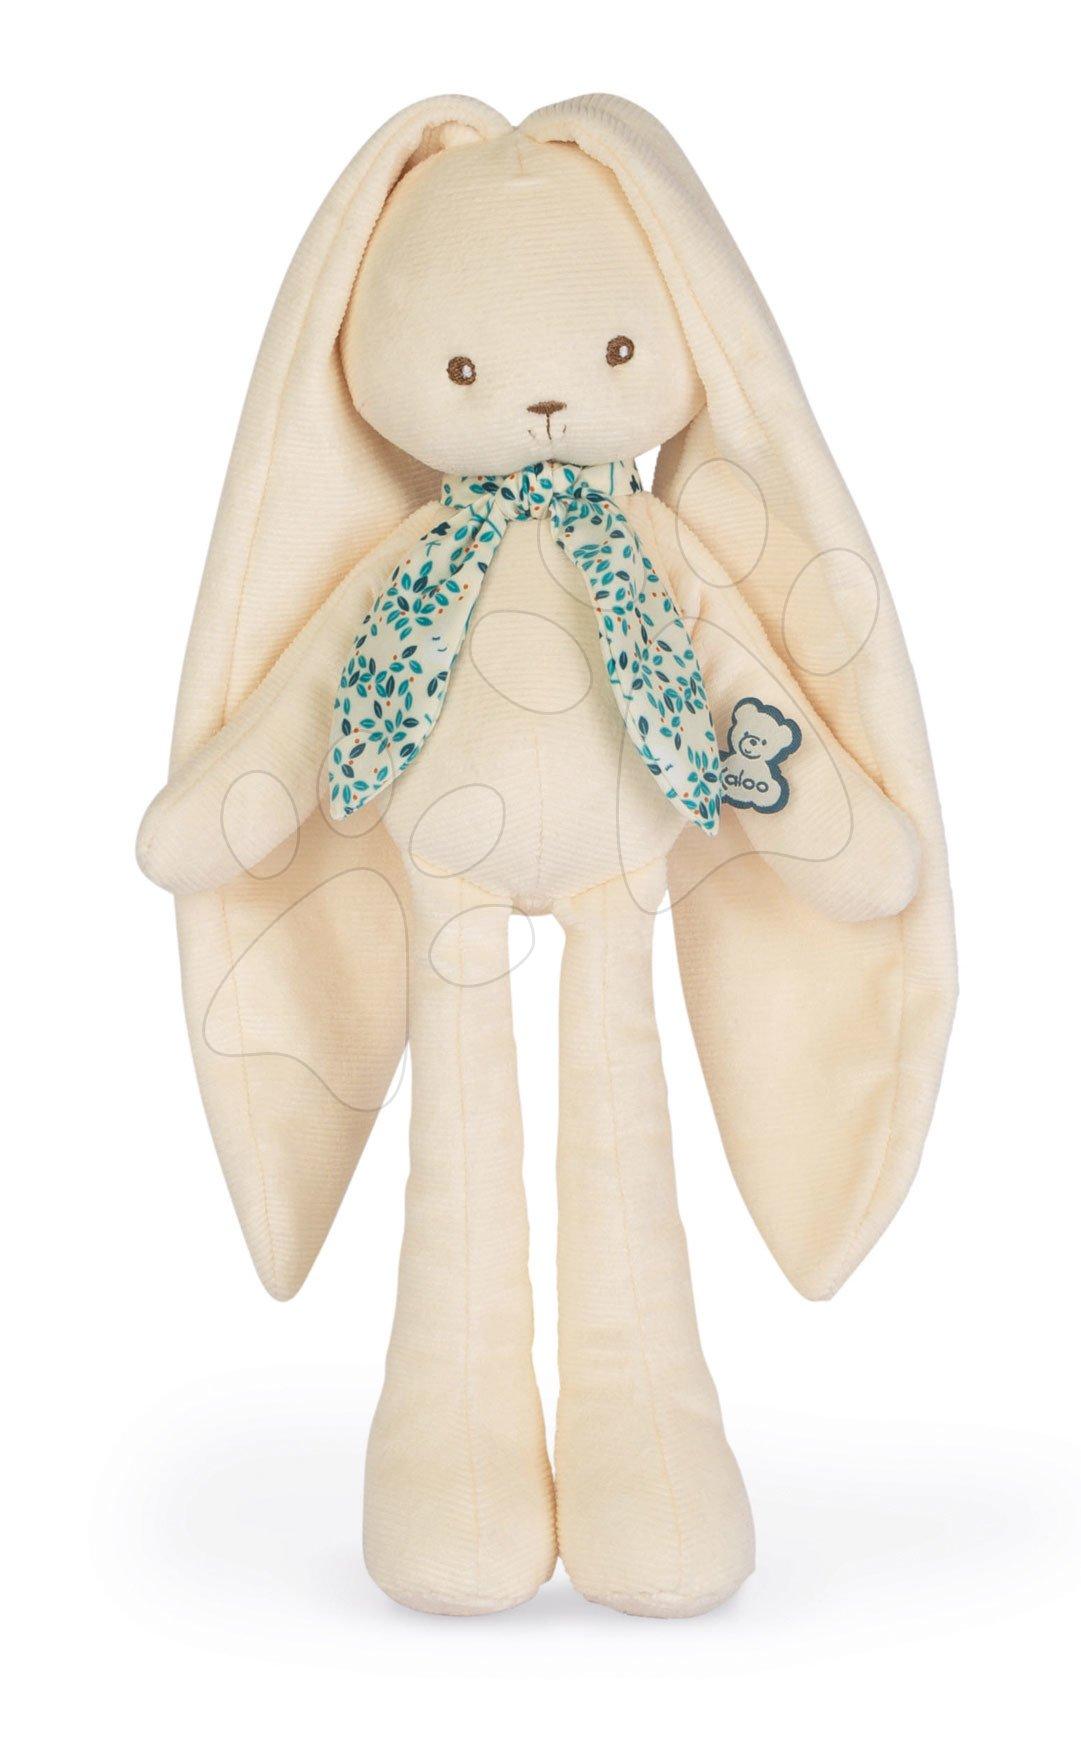 Panenka zajíček s dlouhými oušky Doll Rabbit Cream Lapinoo Kaloo krémový 35 cm z jemného materiálu v dárkové krabičce od 0 měsíců